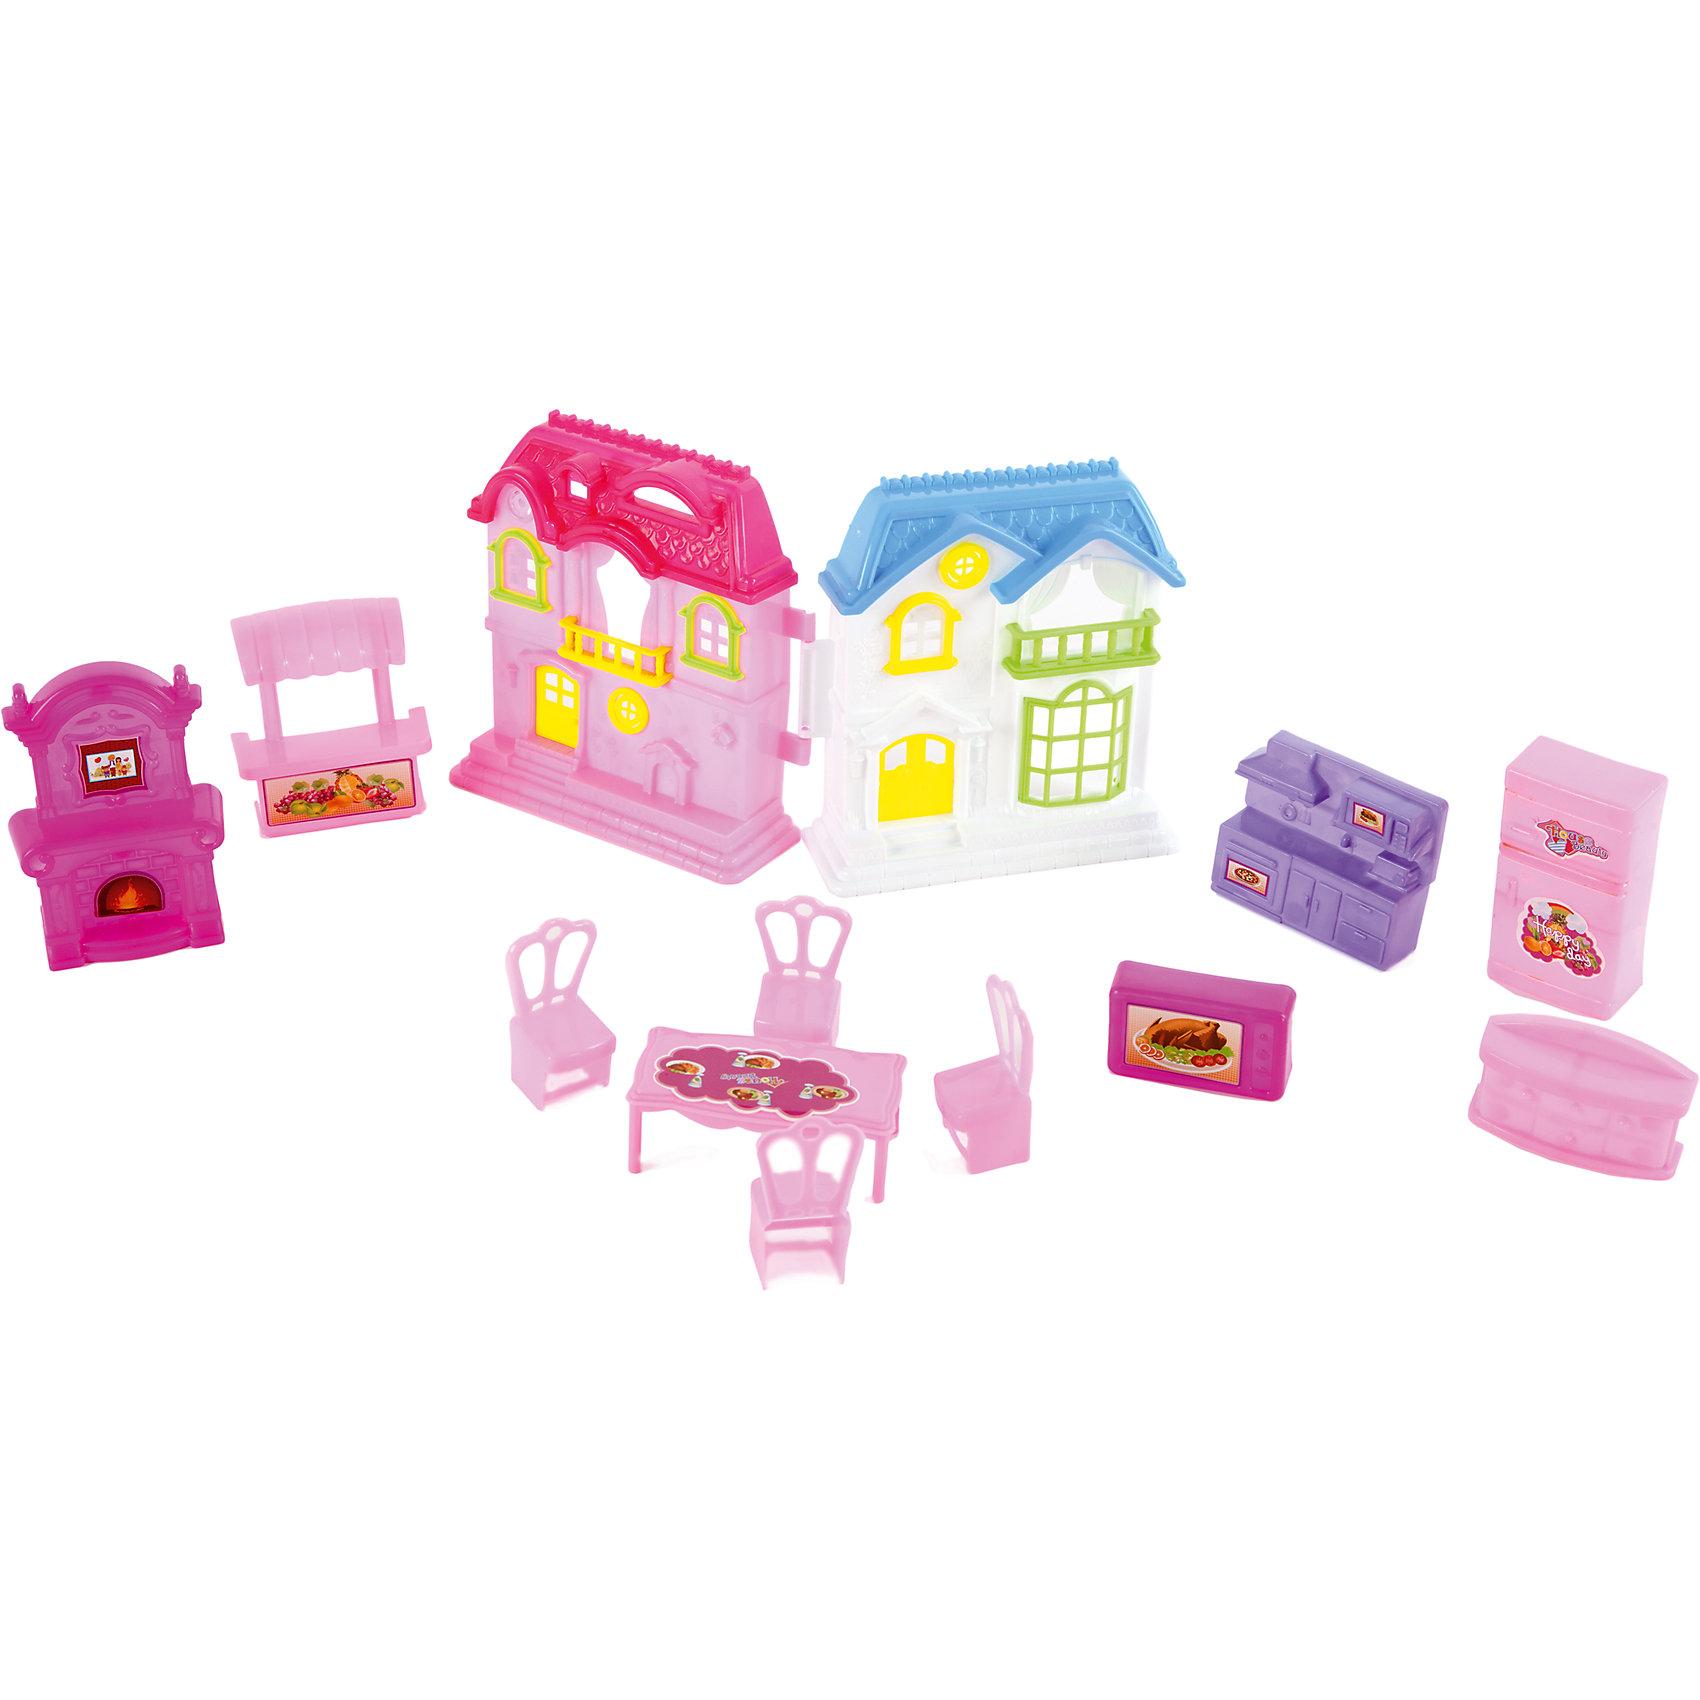 Домик с мебелью для кукол 10 см, Shantou GepaiДомики и мебель<br>Домик с мебелью для кукол 10 см, Shantou Gepai привнесет много нового в сюжетно-ролевые игры с куклами. В этом пластиковом домике имеется все необходимое для комфортного проживания: пианино, часы, комод, установка с телевизором, два кресла и диван, холодильник. Главная дверь домика открывается приглашая своих жильцов домой. Играя с куклами дети познают человека, как с физиологической, так и с стороны общения между людьми, развивается моторика рук, внимание, воображение, такие игры положительно влияют на психологическое развитие. Такой домик станет отличным подарком для детей.<br><br>Дополнительная информация:<br><br>- В комплект входит: домик – две детали, пианино, часы, комод, установка с телевизором, два кресла и диван, холодильник <br>- Материал: пластик<br>- Размер с упаковкой: 42 * 25,5 * 5,5 см.<br>- Вес 0,44 кг.<br><br>Домик с мебелью для кукол 10 см, Shantou Gepai можно купить в нашем интернет-магазине.<br><br>Подробнее:<br>• Для детей в возрасте: от 3 до 10 лет<br>• Номер товара: 4925495<br>Страна производитель: Китай<br><br>Ширина мм: 420<br>Глубина мм: 50<br>Высота мм: 260<br>Вес г: 91<br>Возраст от месяцев: 36<br>Возраст до месяцев: 120<br>Пол: Женский<br>Возраст: Детский<br>SKU: 4925495